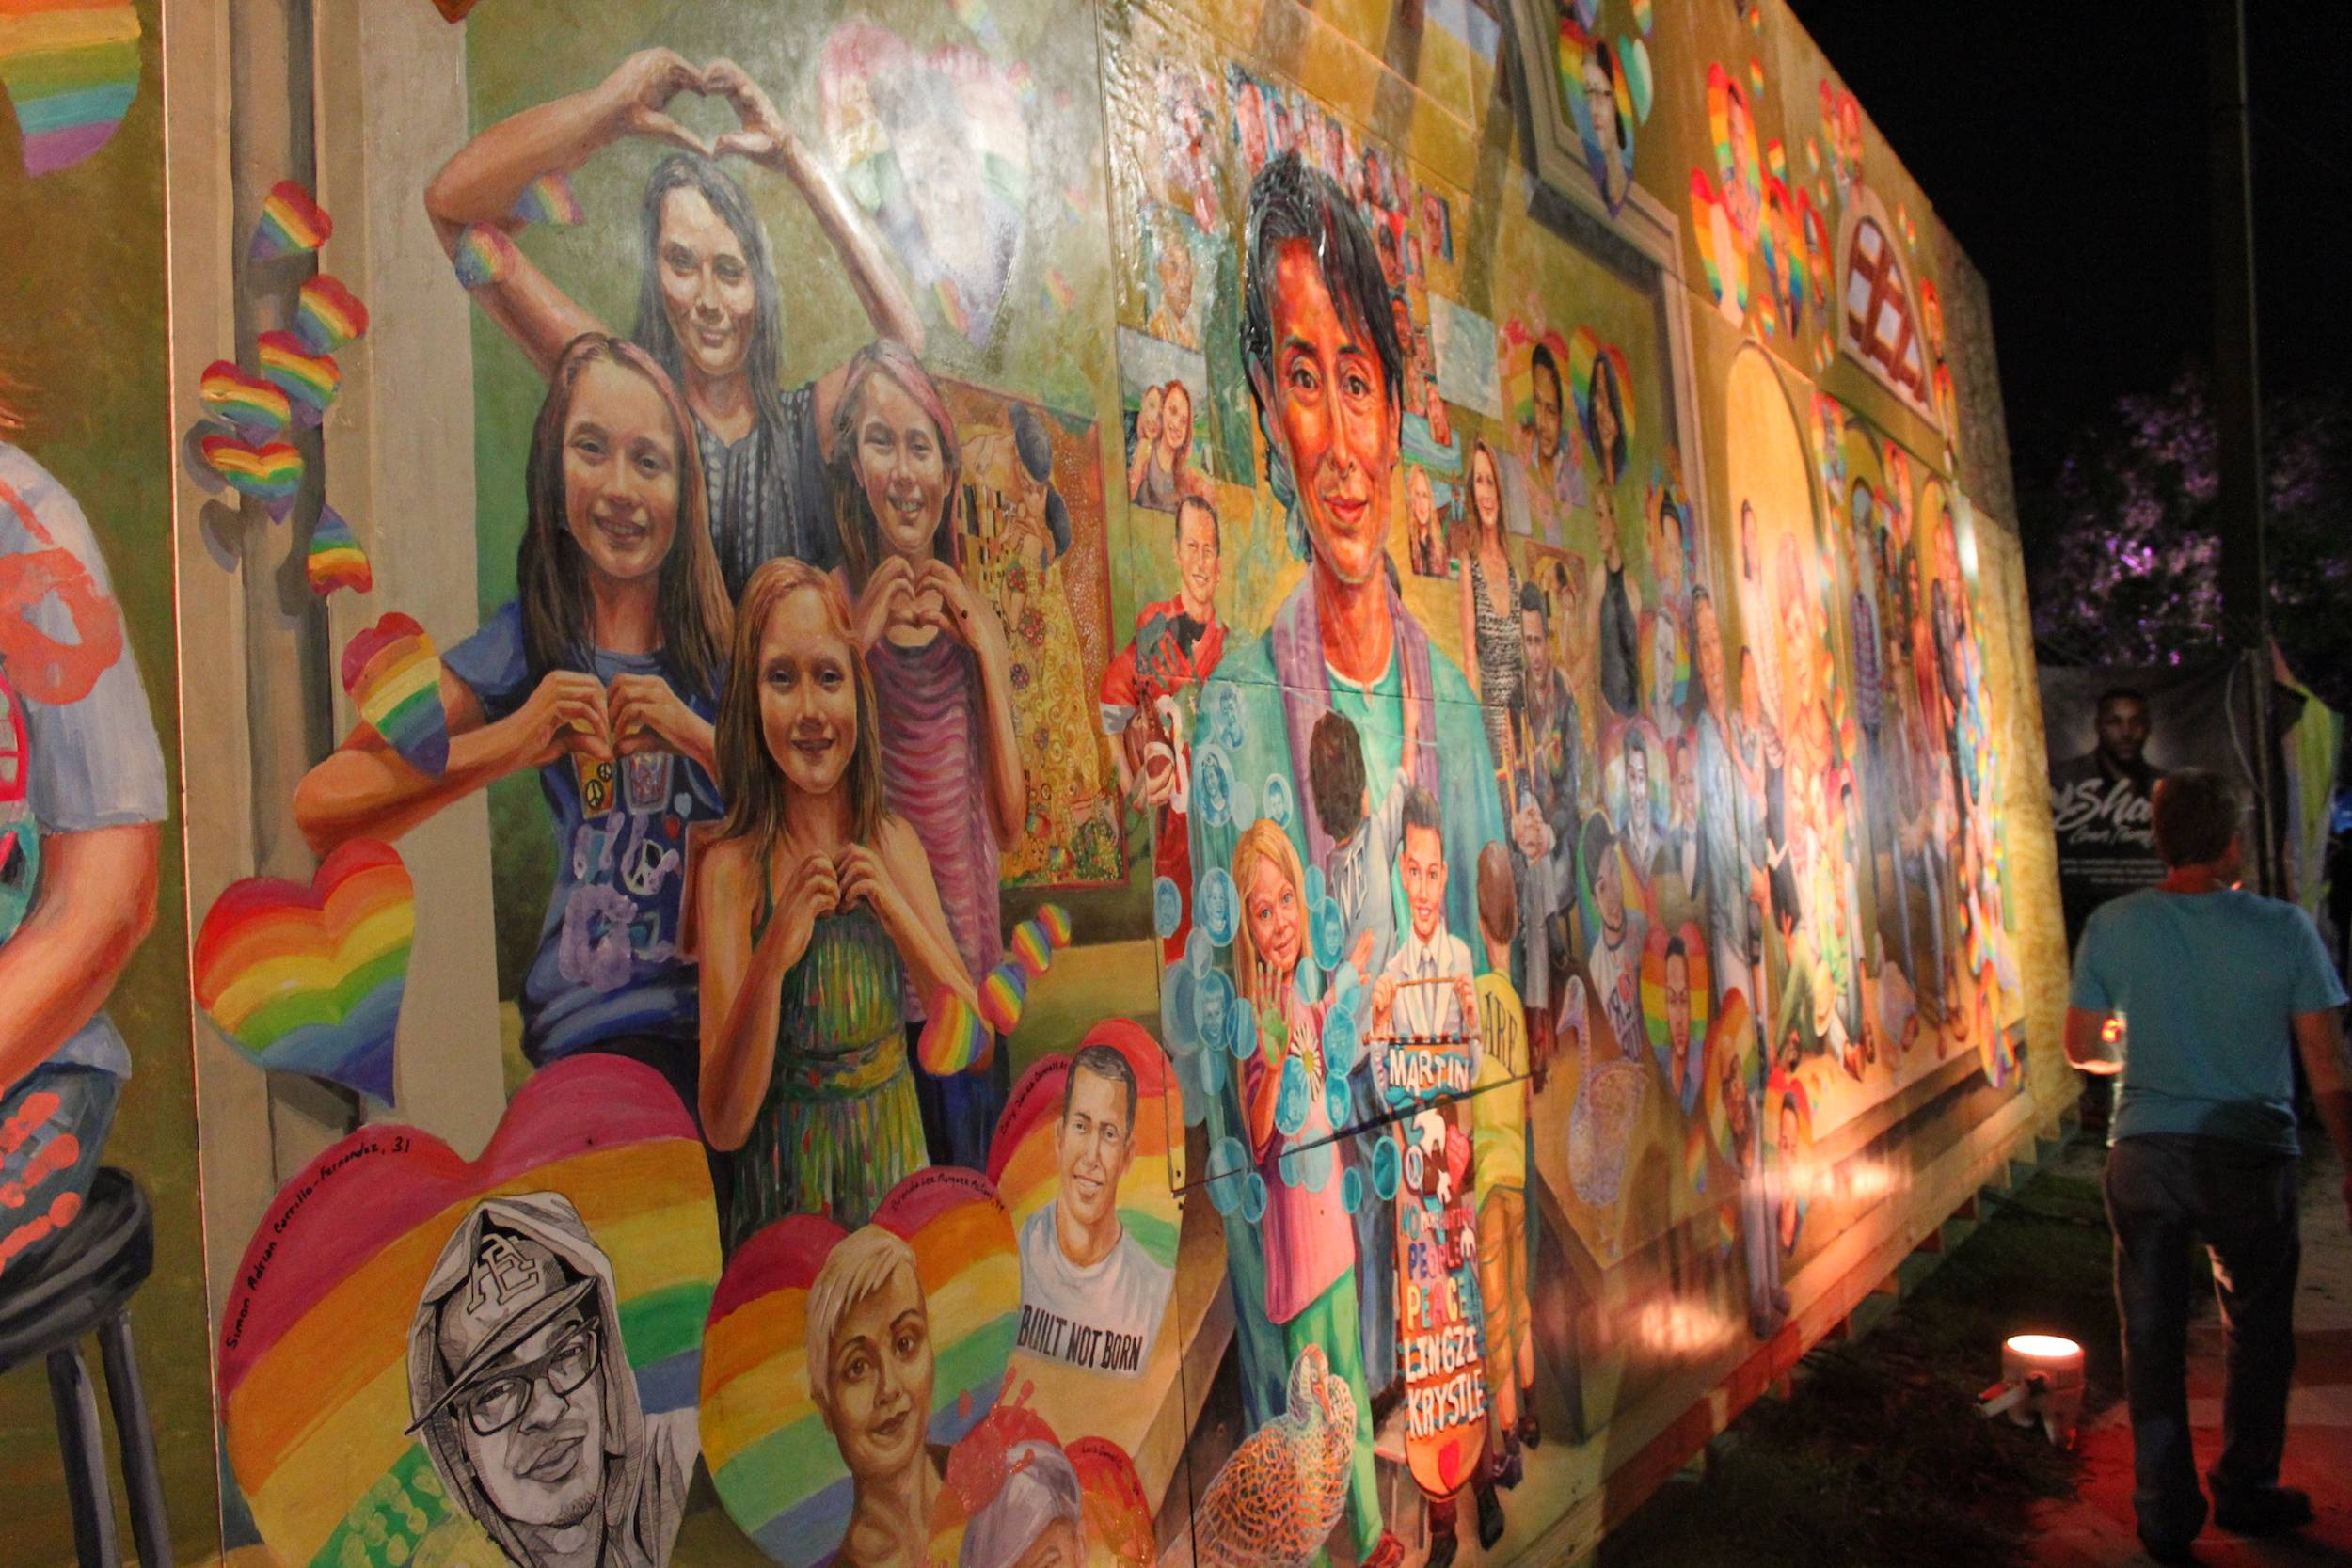 Esta madrugada también fue inaugurado un mural frente a Pulse, en honor a las víctimas. Los familiares plasmaron su huella en el corazón con el rostro pintado de su ser amado. / Foto: David Cordero Mercado